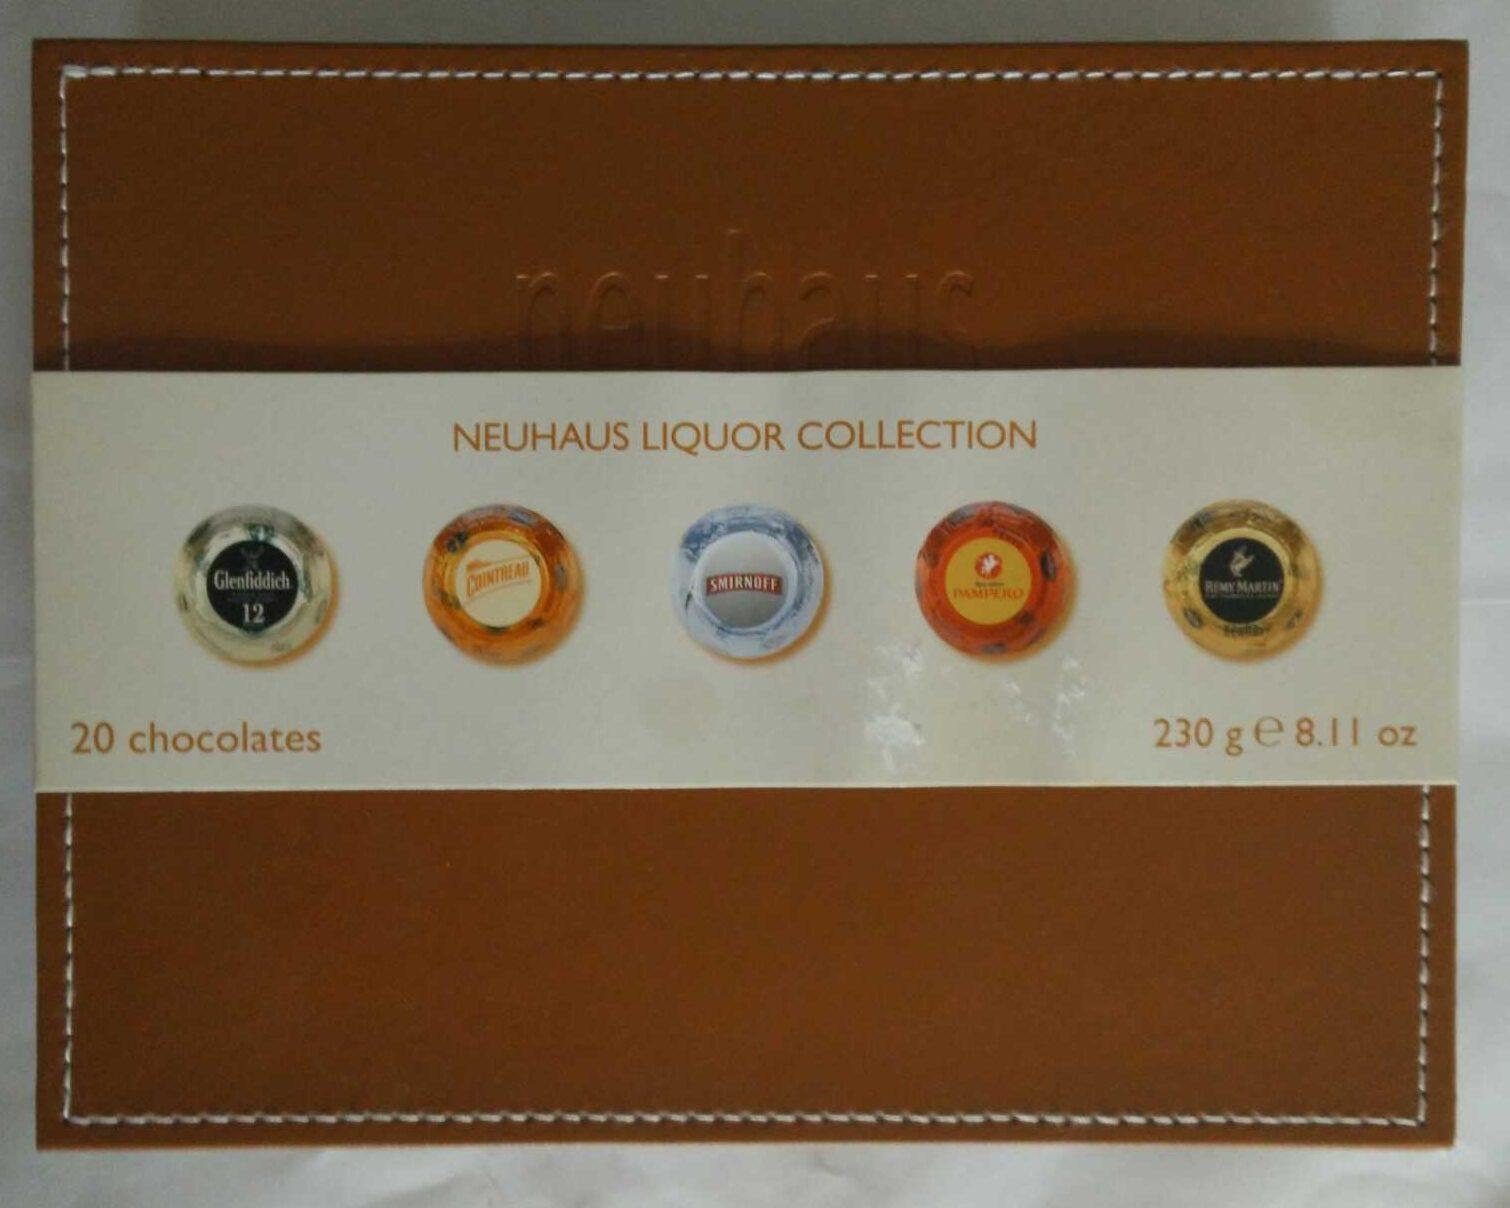 Liquor collection - Prodotto - en